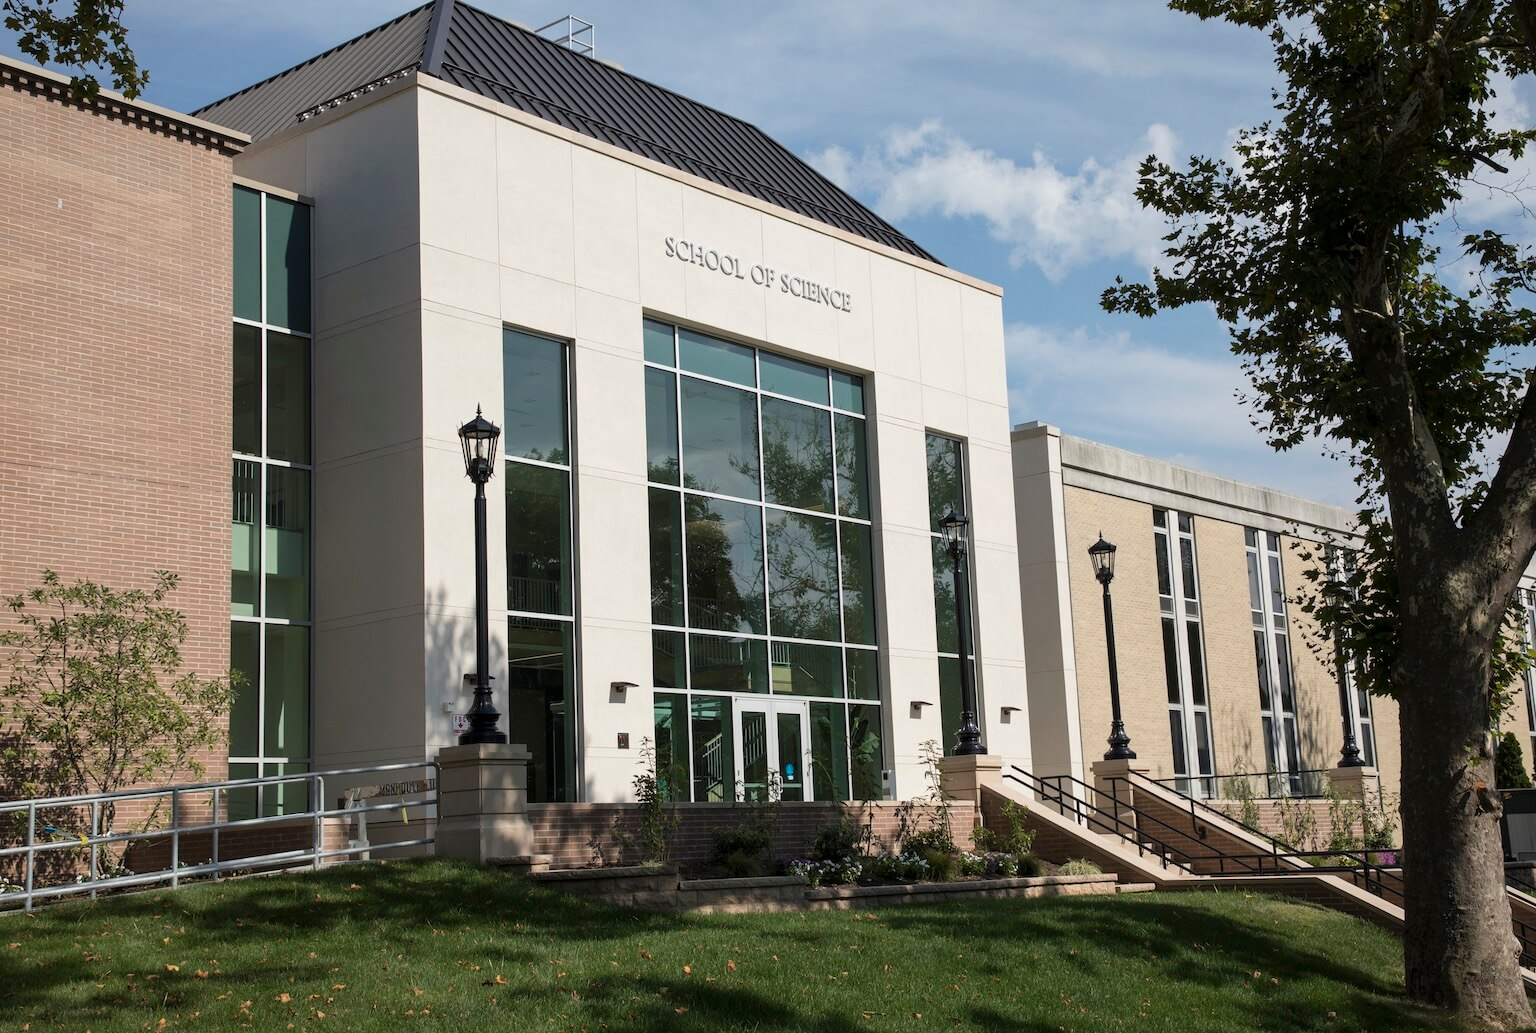 School of Science Atrium